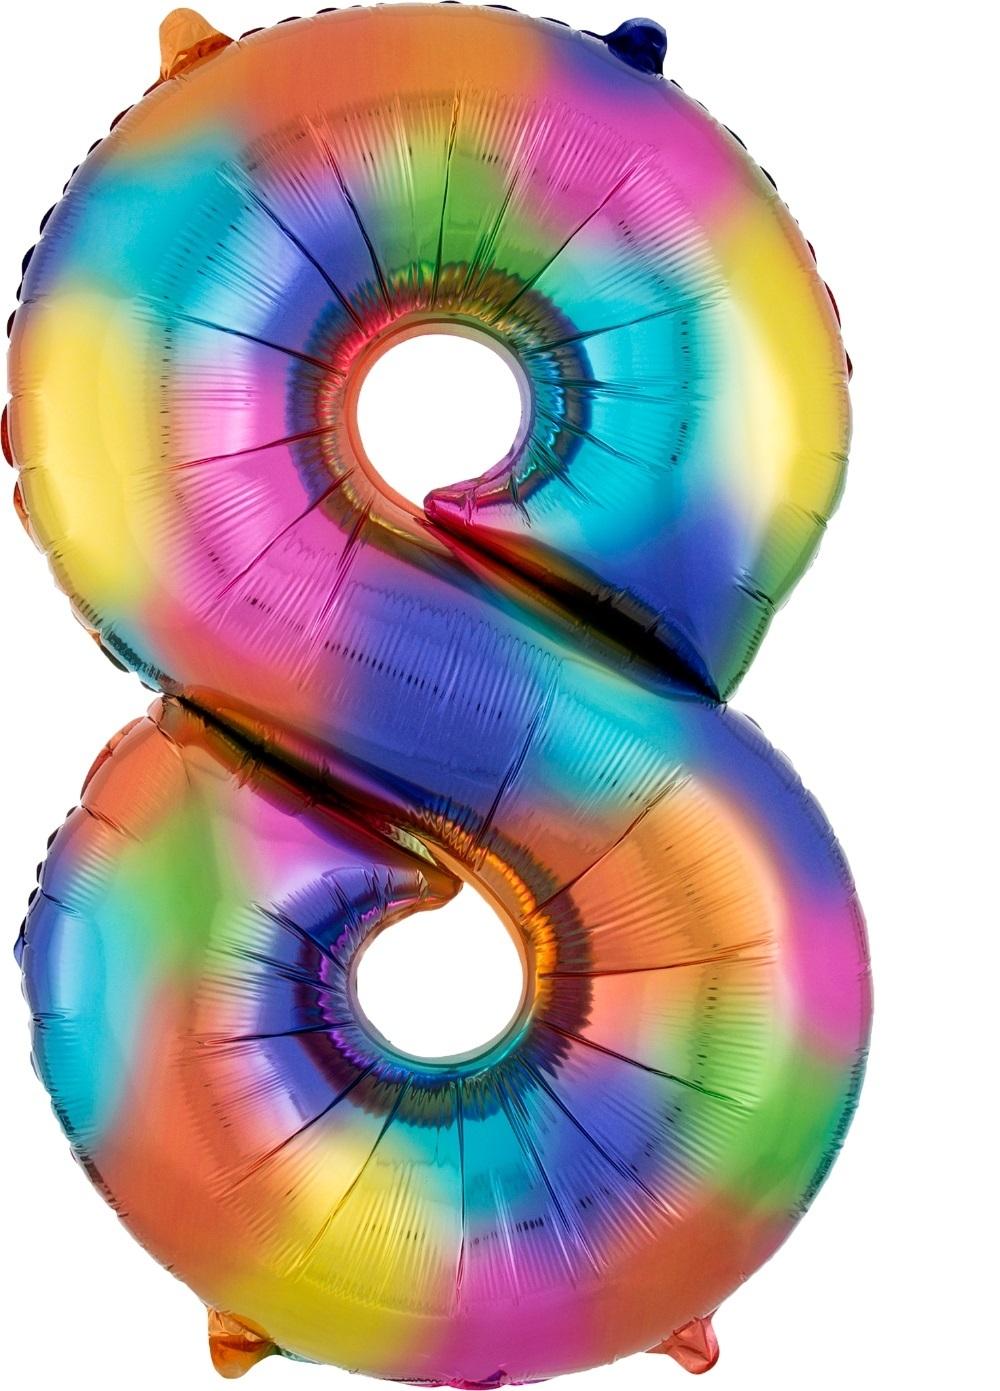 краю разноцветные картинки из цифр изделий